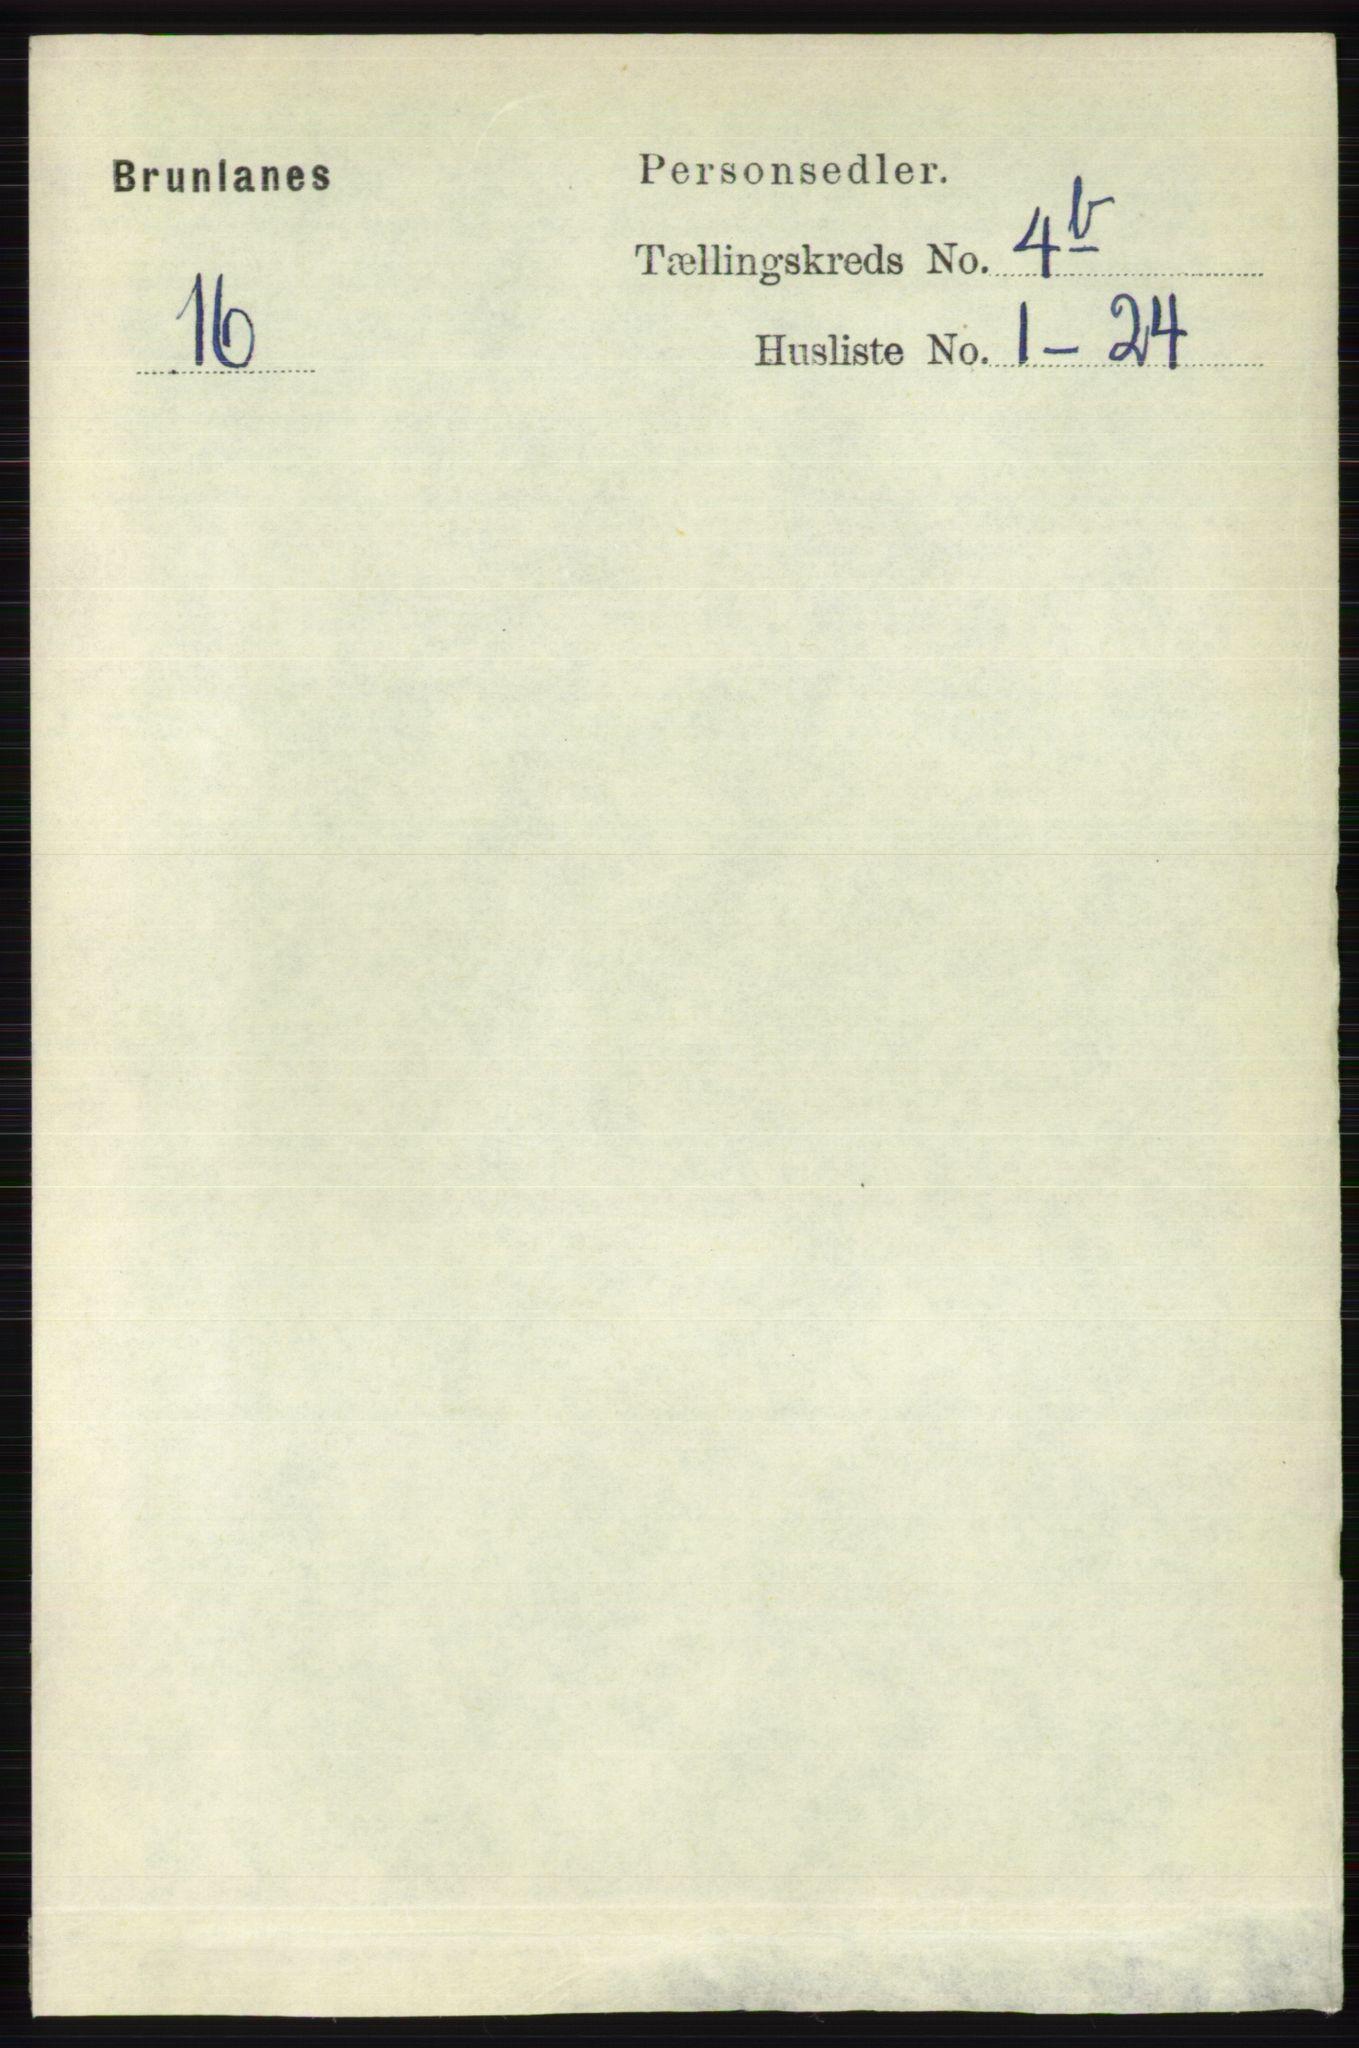 RA, Folketelling 1891 for 0726 Brunlanes herred, 1891, s. 2031